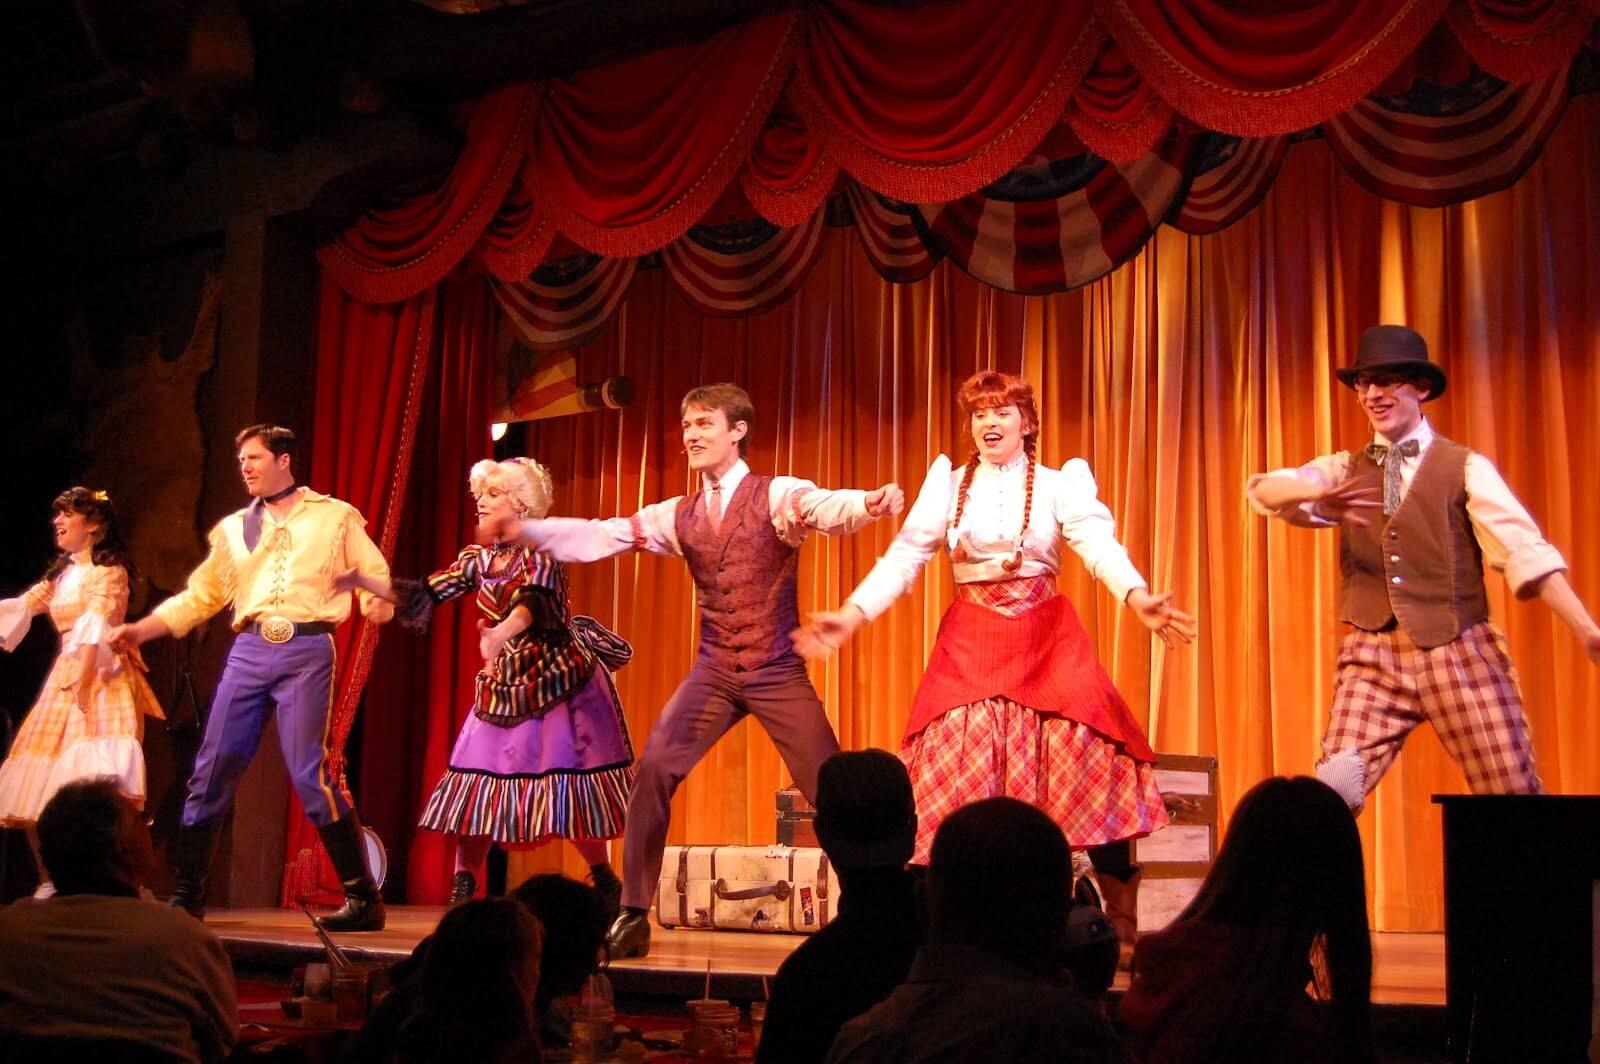 Jantar e show Hoop-Dee-Doo Musical Revue na Disney em Orlando